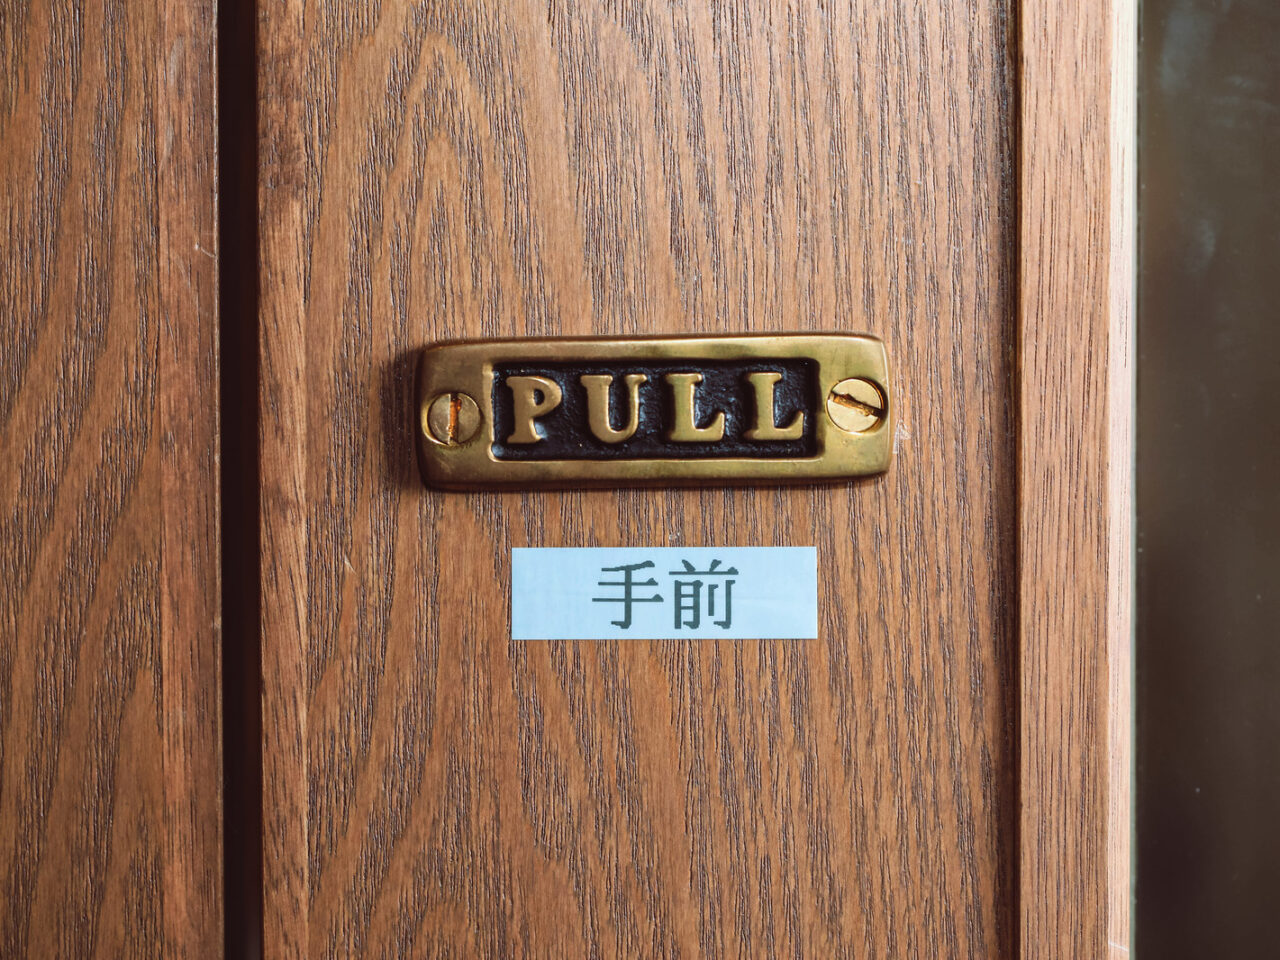 Clubhouse(クラブハウス)の退出&抜け方&Room(ルーム)の退室方法は?のサムネイル画像